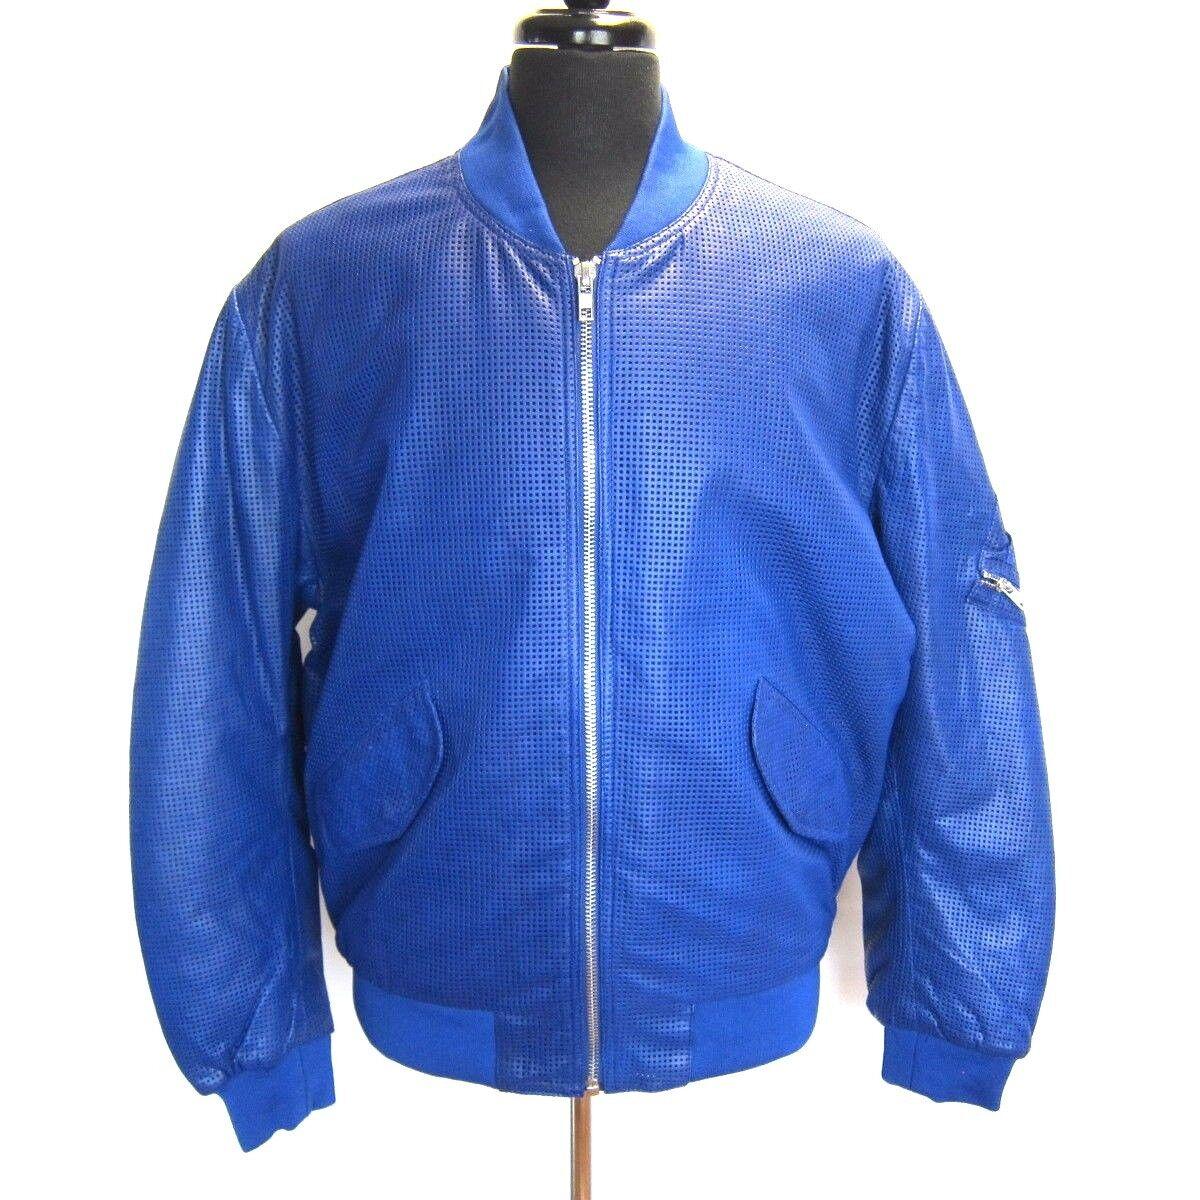 J-712300 Neu Alexander Mcqueen Reißverschluss Vorne Blau Jacke Mantel Größe 52 L